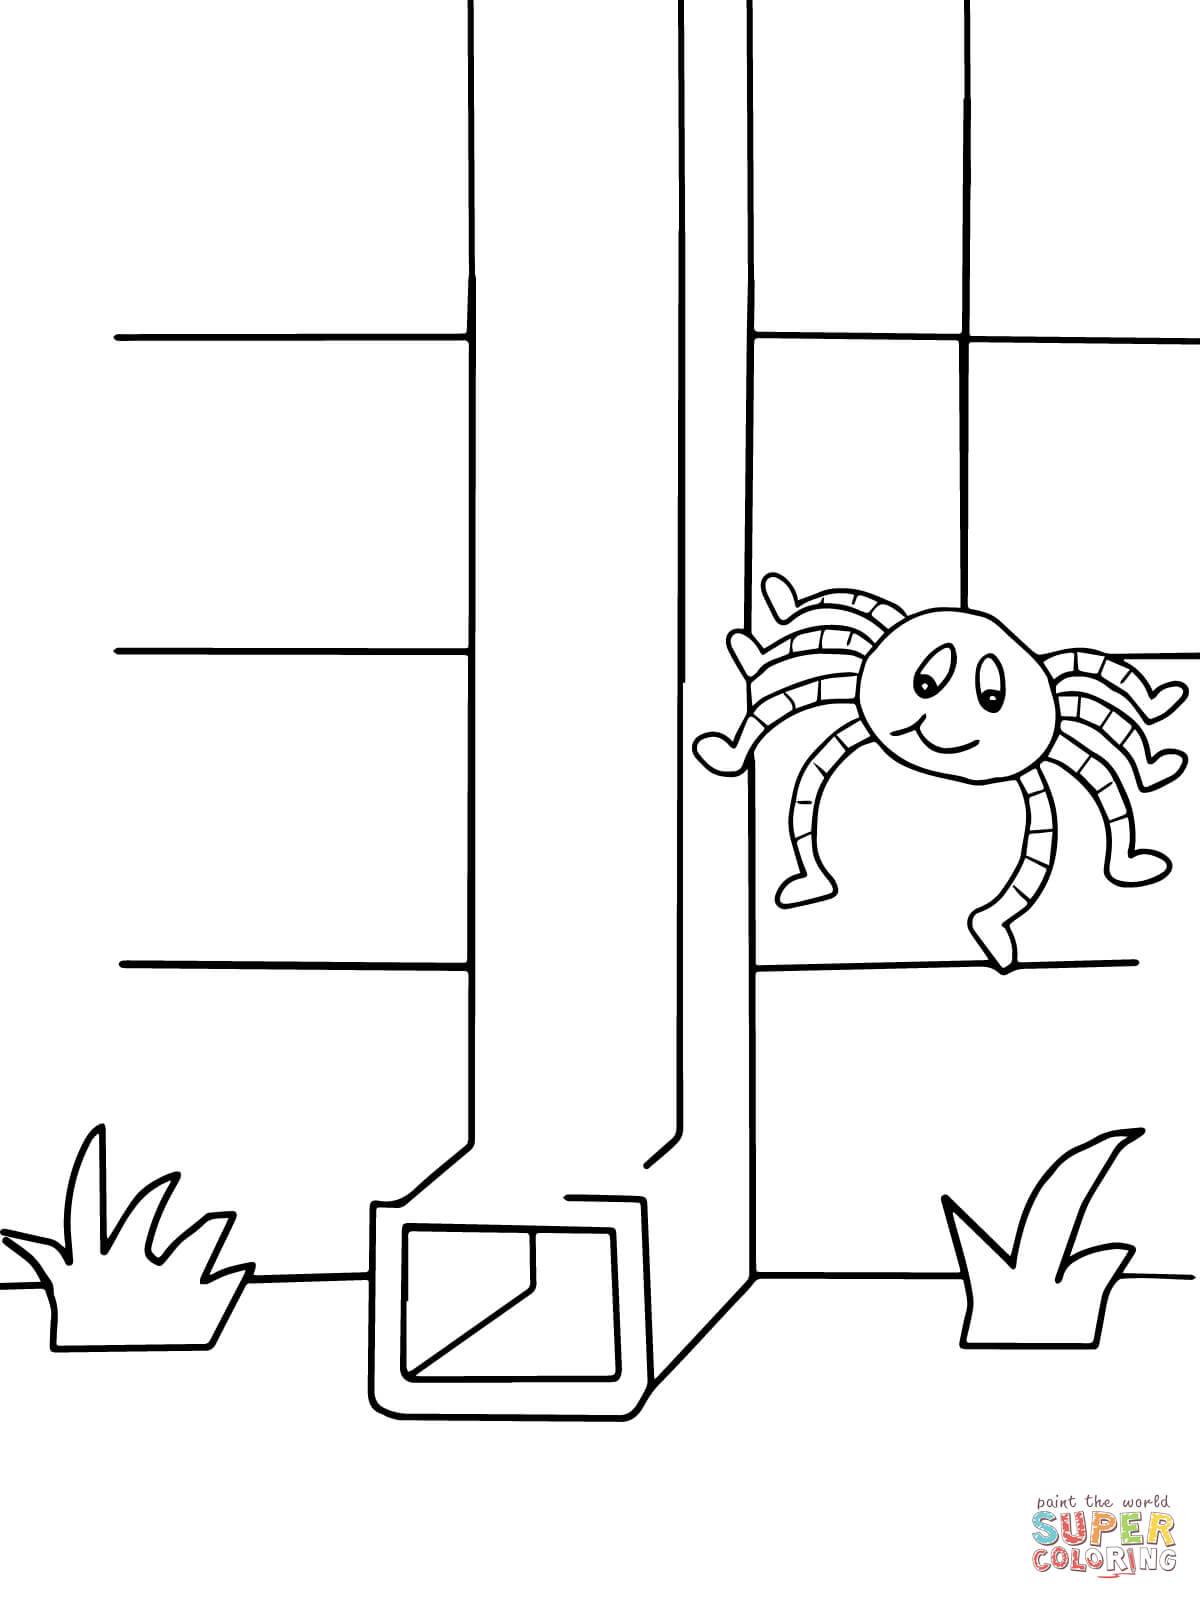 Ausmalbild Itsy Bitsy Spider